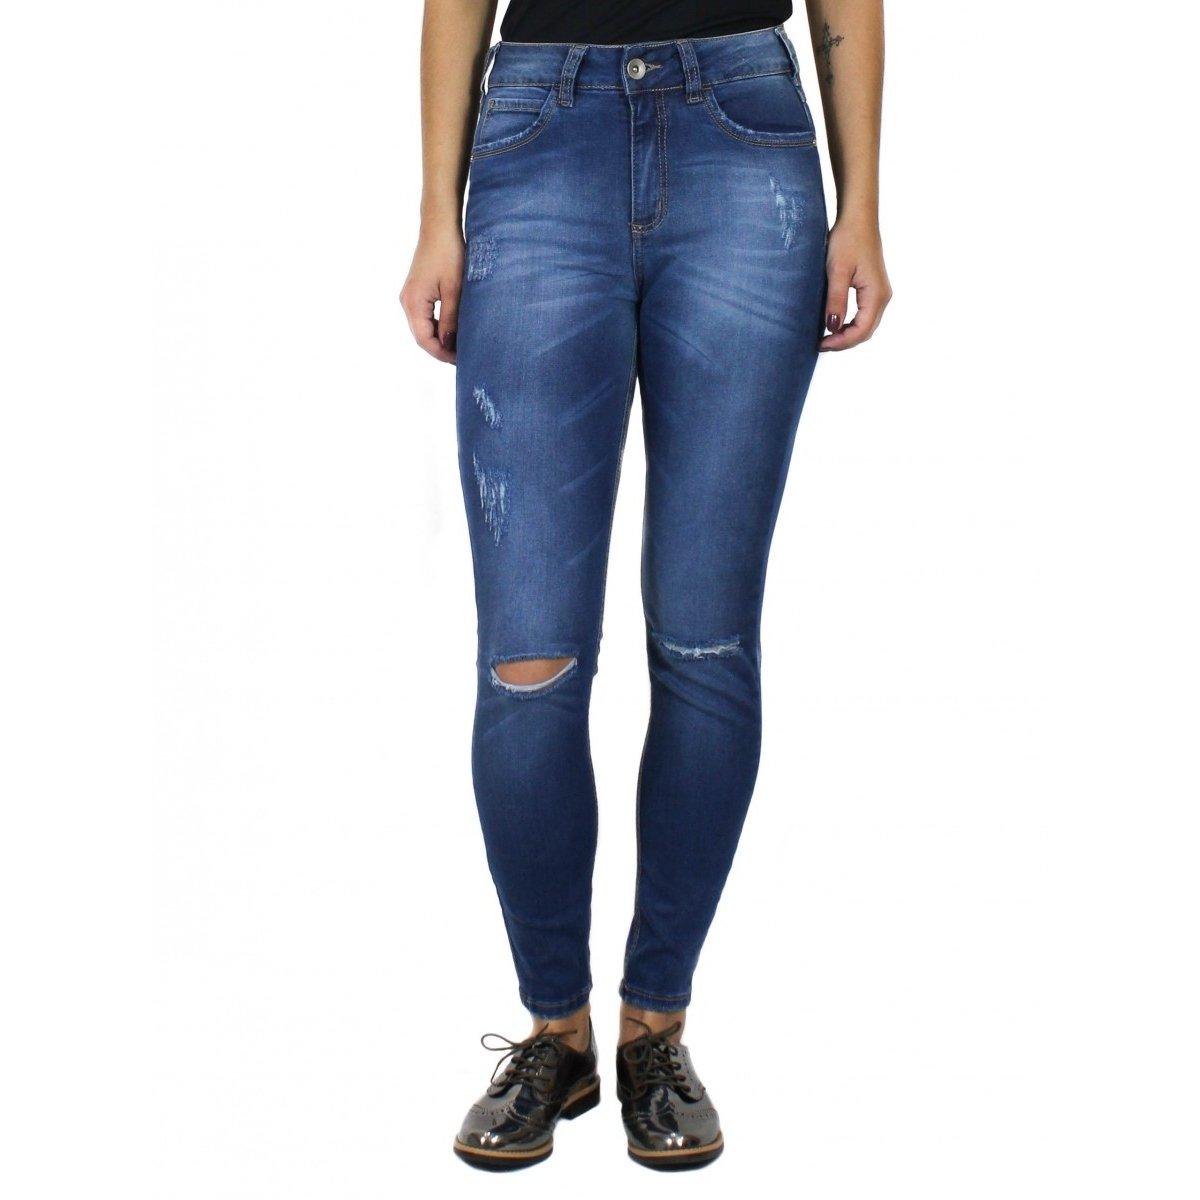 707b951a5 Calça Bia Colcci Skinny Cintura Alta - Compre Agora